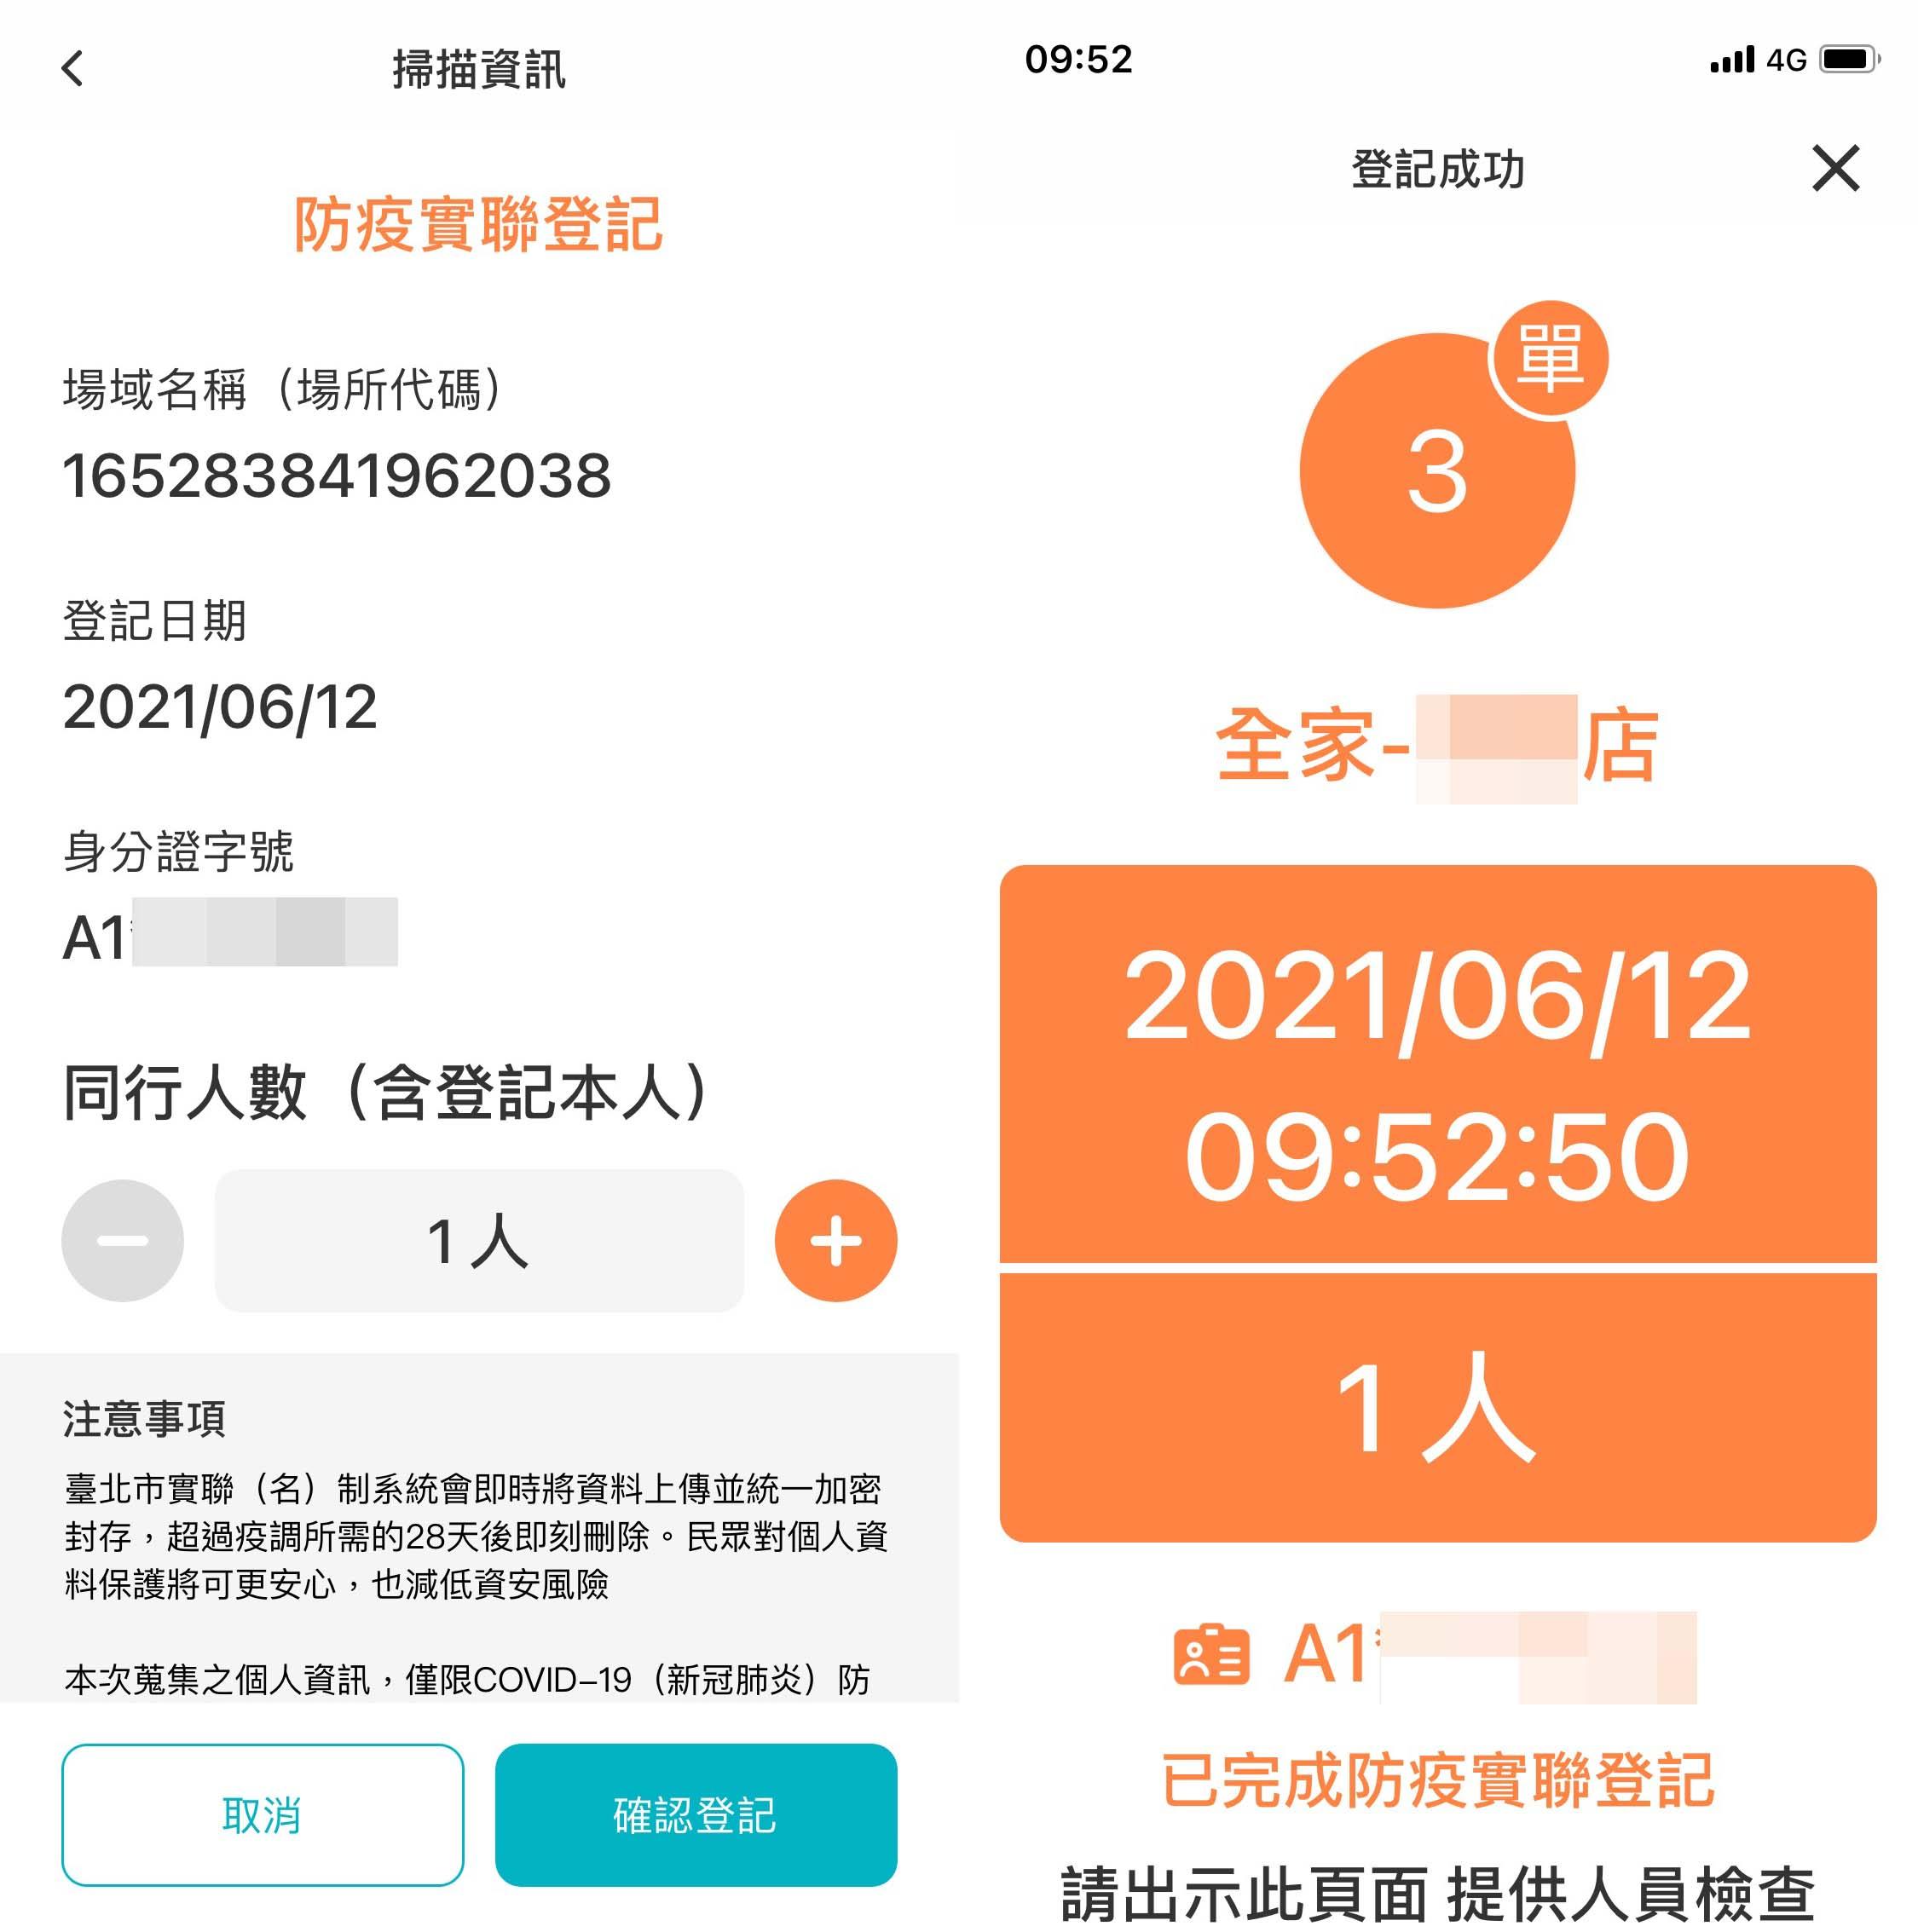 台北通實聯制畫面與資訊都比一則簡訊豐富